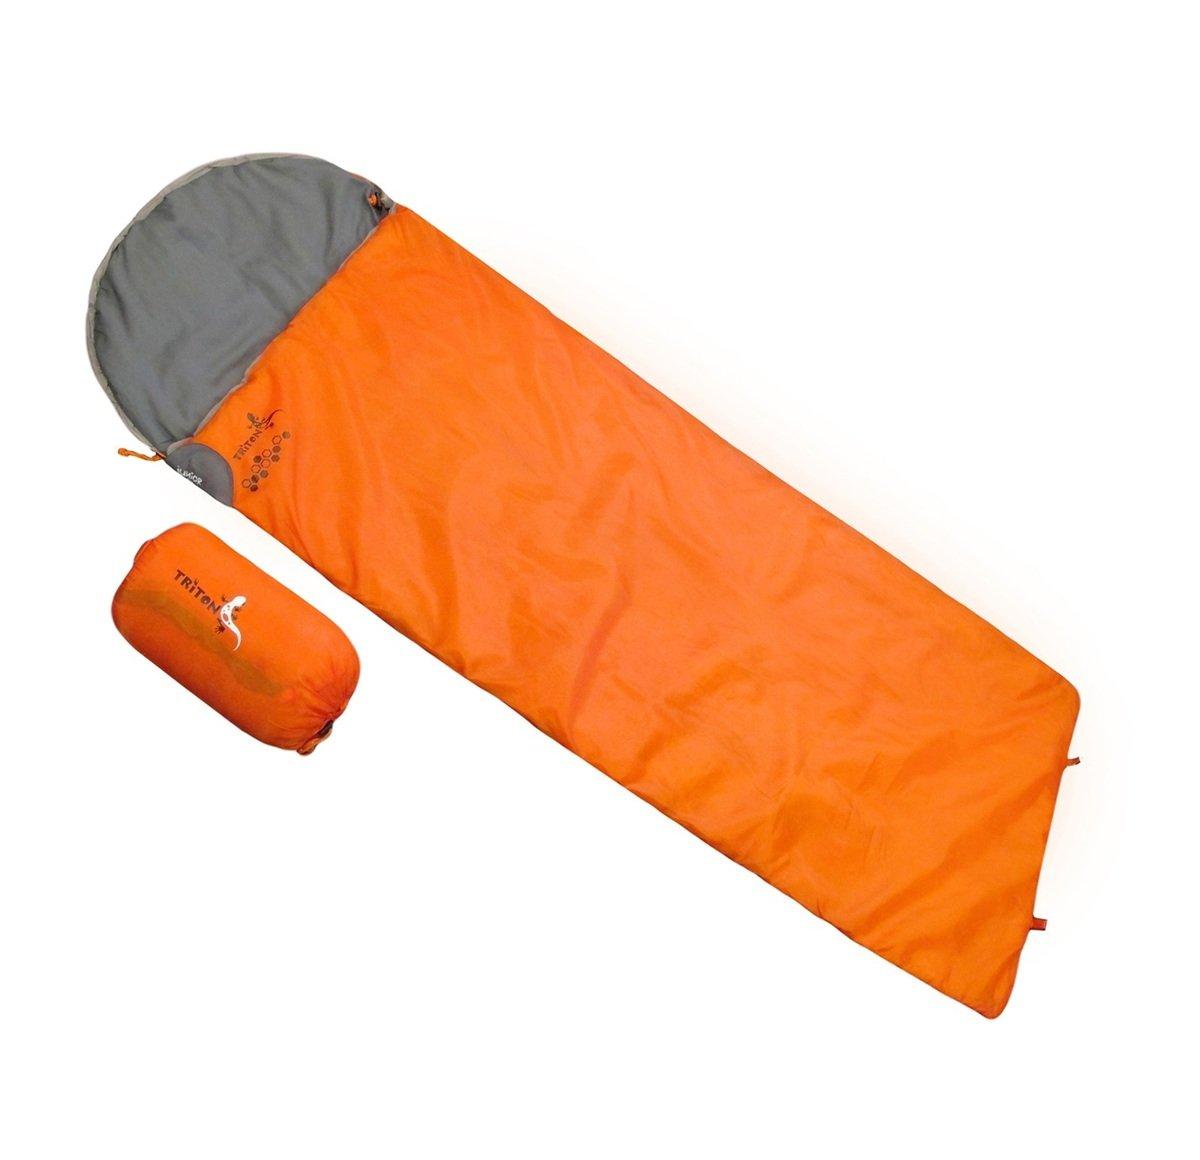 優質空心綿 8 度睡袋 - Junior Square 橙/灰